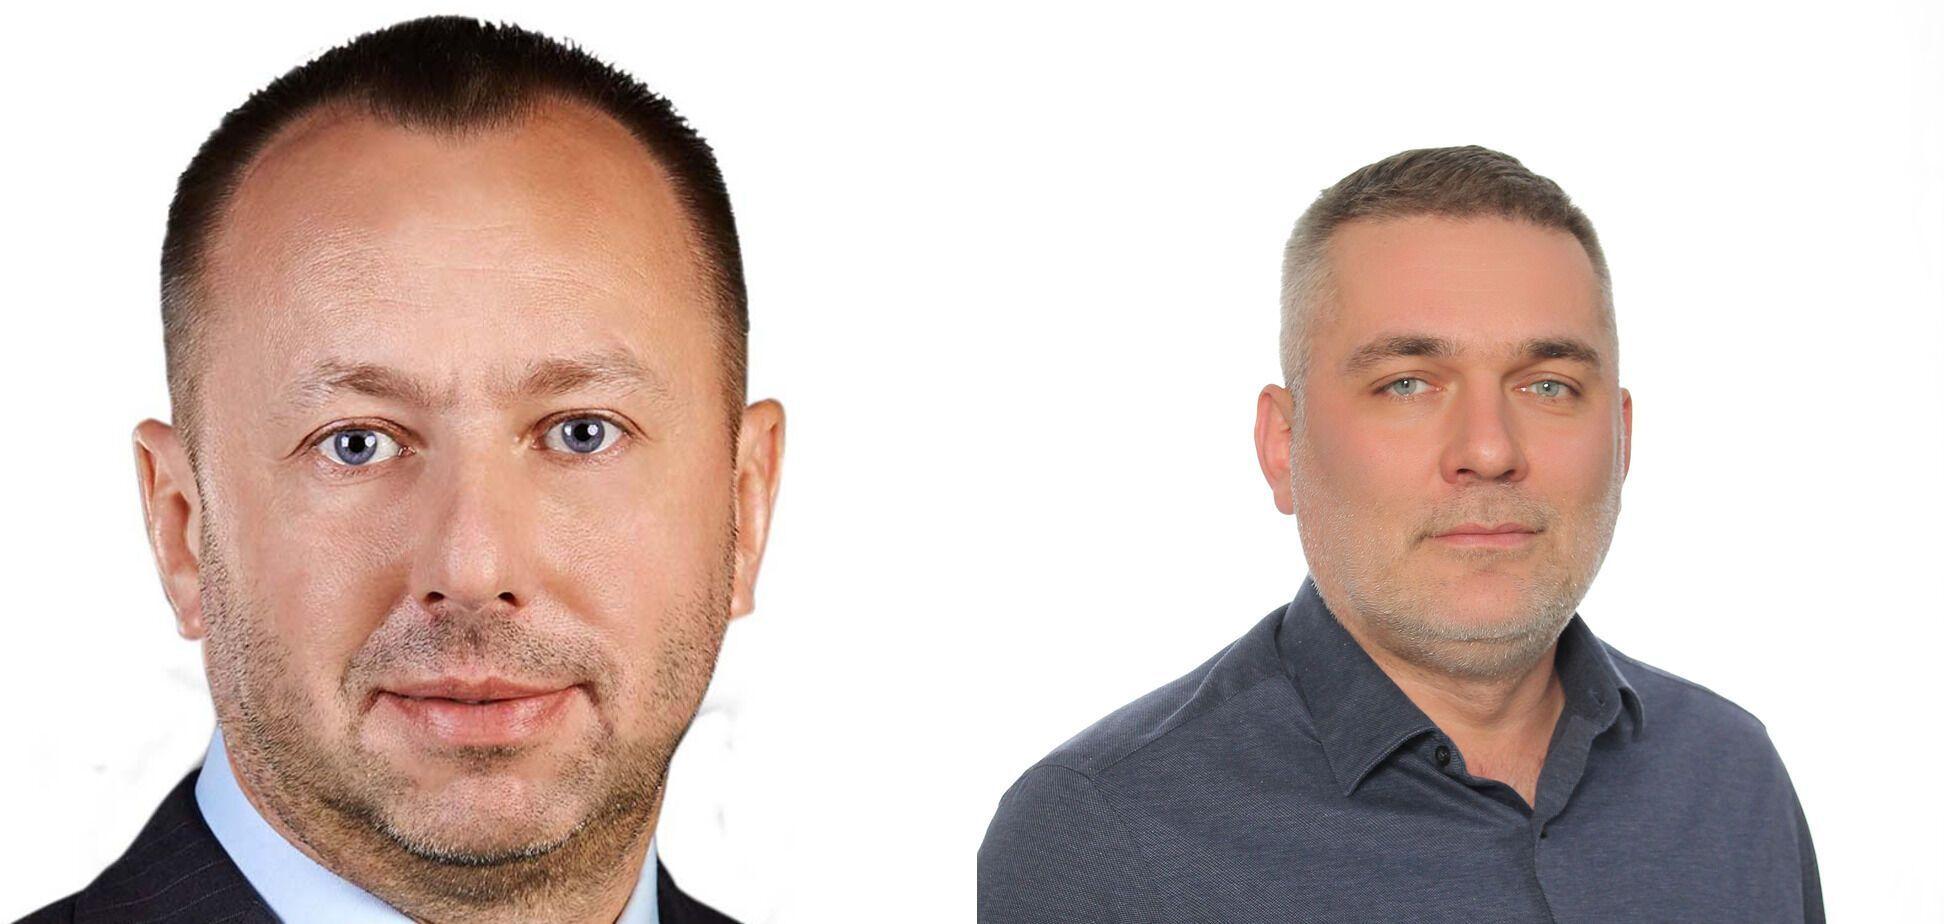 Заступники Товмасяна Альберт Кононенко (ліворуч) і Андрій Малиш (праворуч).